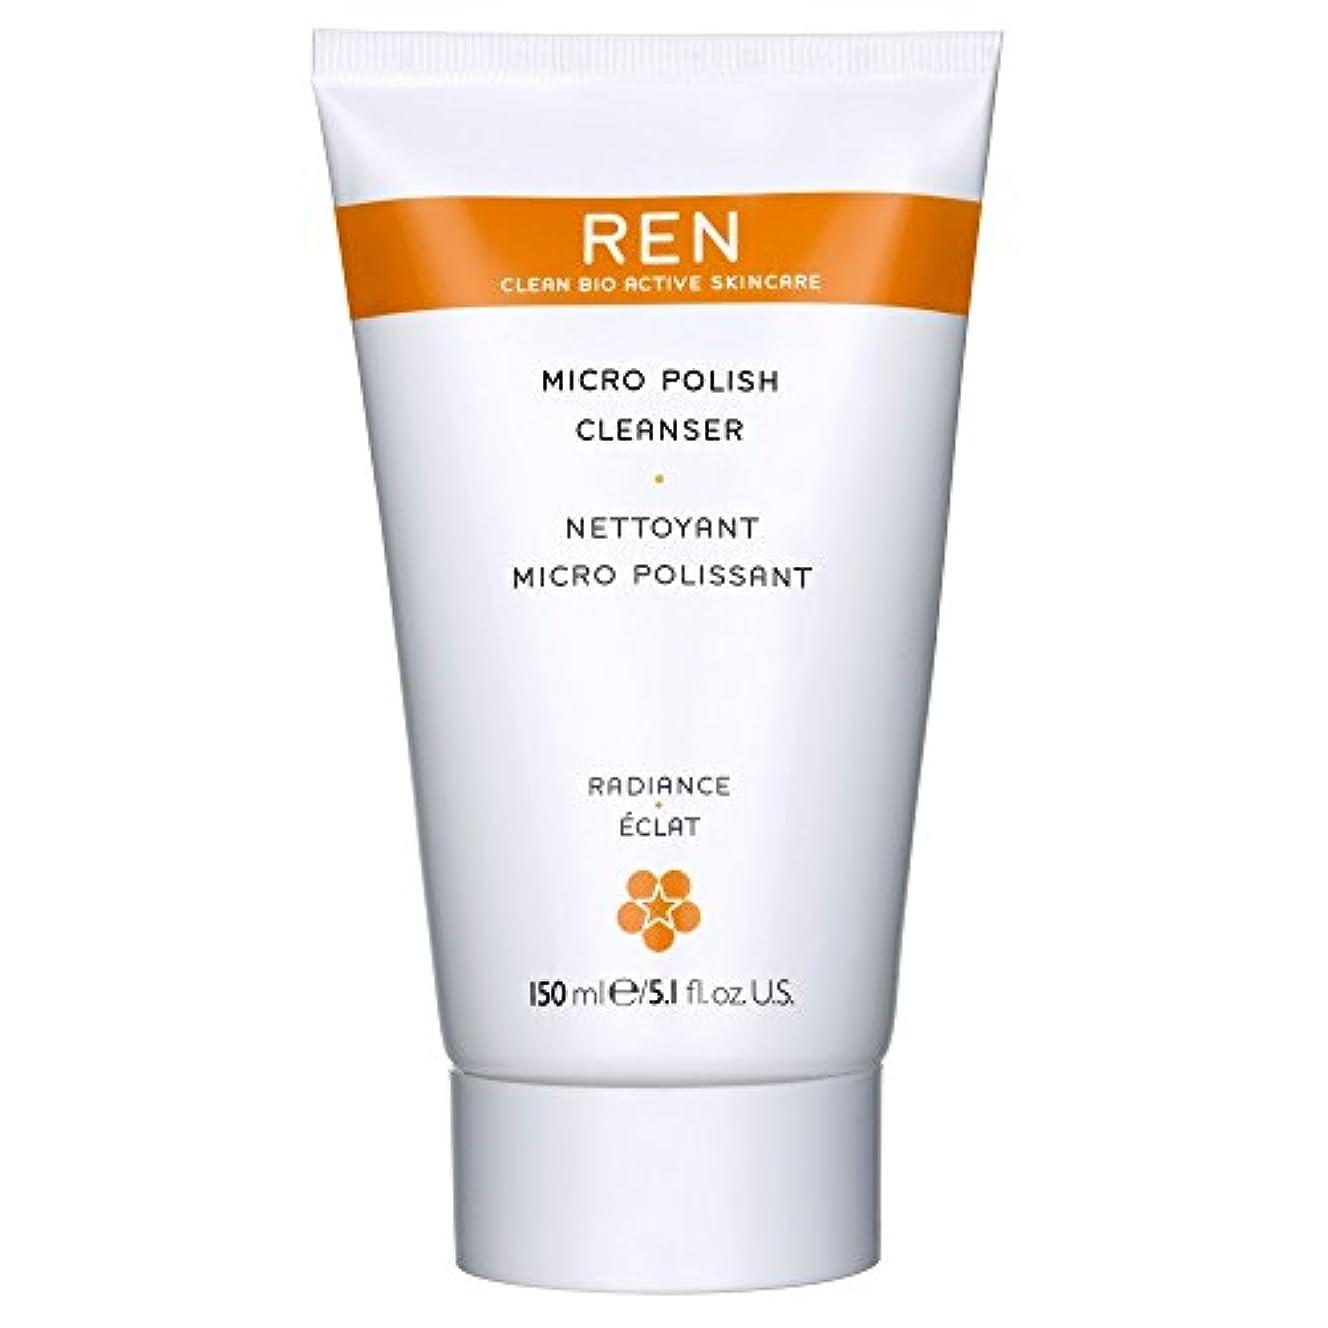 値下げ安定した再集計Renミルコ磨きクレンザー、150ミリリットル (REN) (x2) - REN Mirco Polish Cleanser, 150ml (Pack of 2) [並行輸入品]